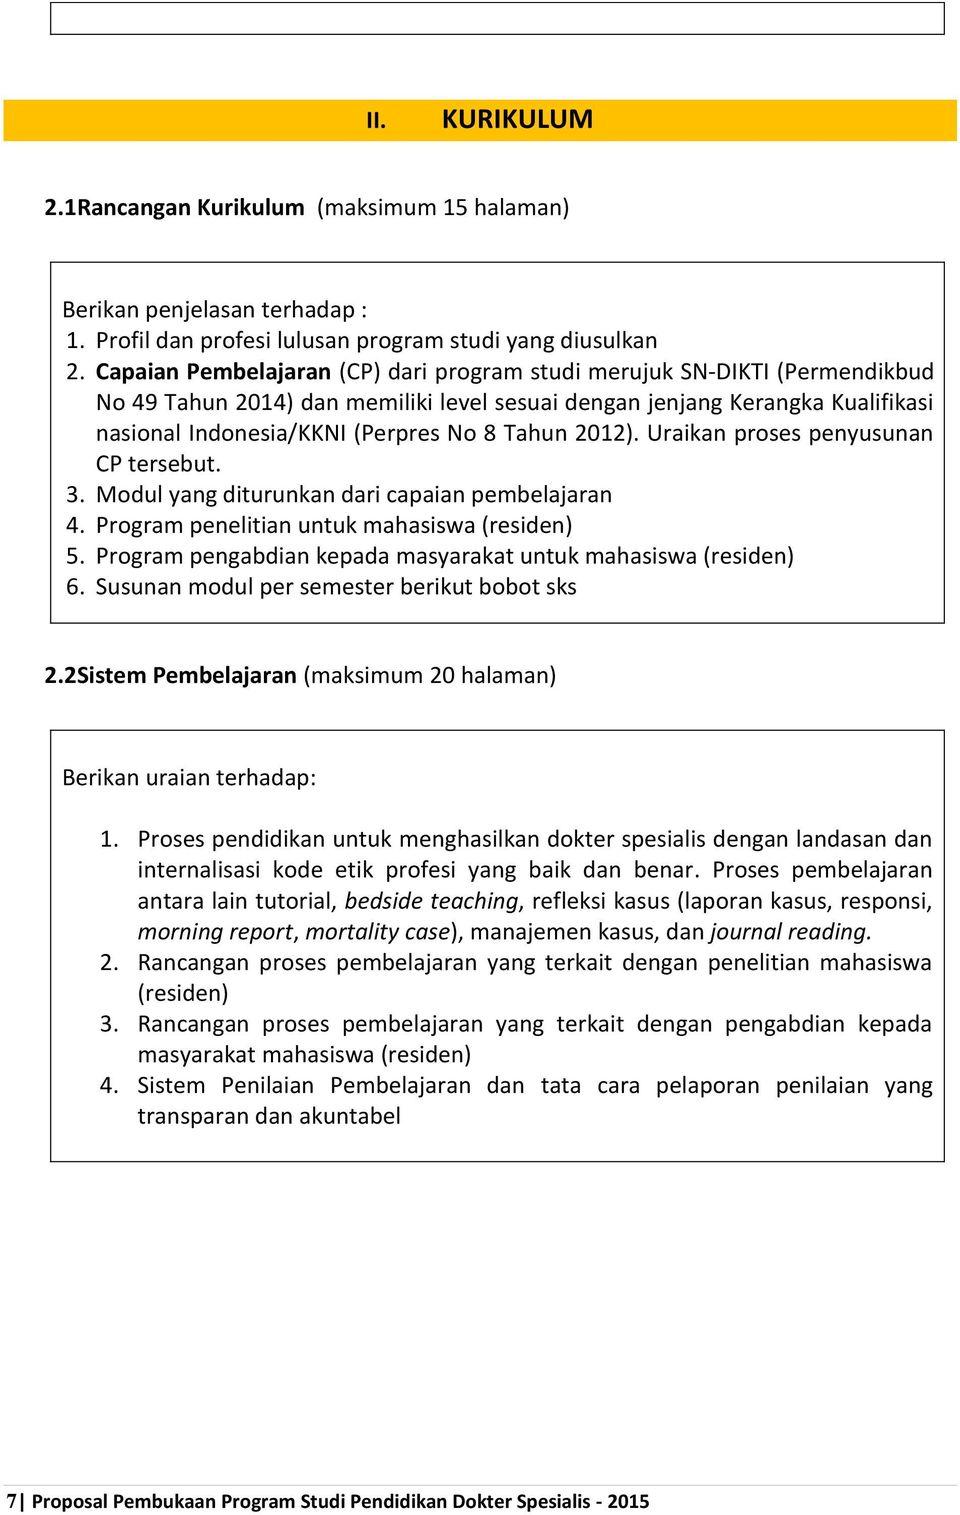 Contoh Proposal Pembukaan Program Studi Baru 2018 : contoh, proposal, pembukaan, program, studi, Contoh, Proposal, Pembukaan, Program, Studi, Berbagi